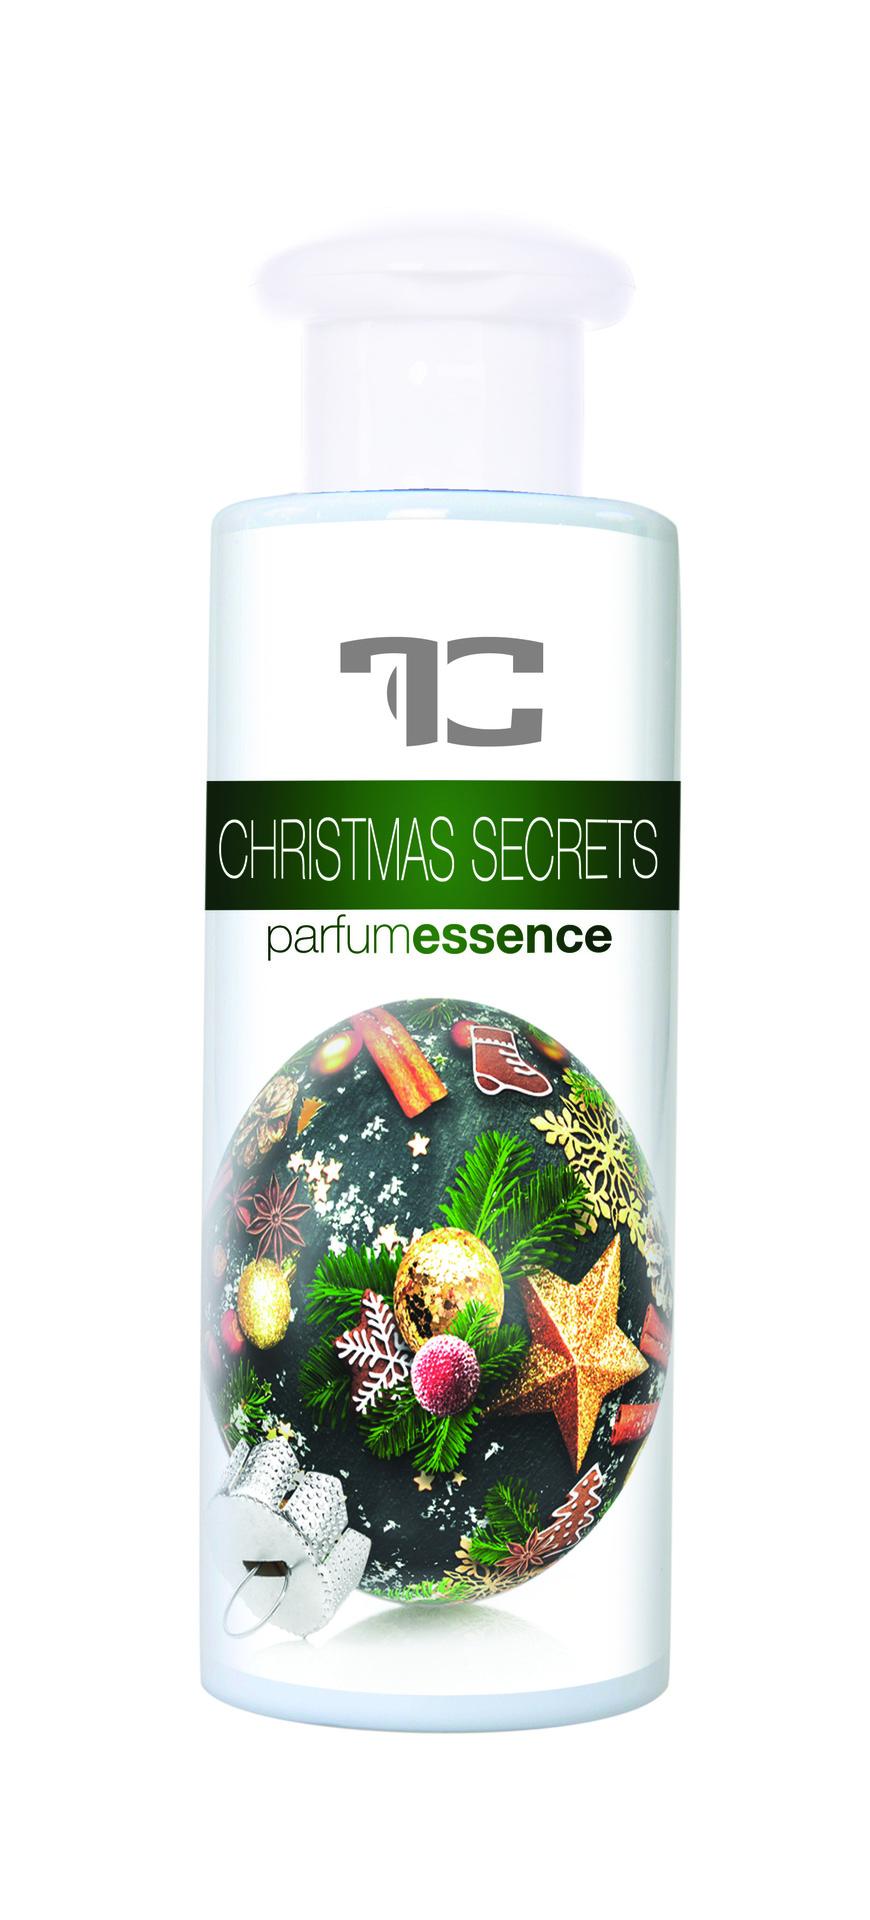 PARFUM ESSENCE christmas secrets, koncentrovaná parfémová esence